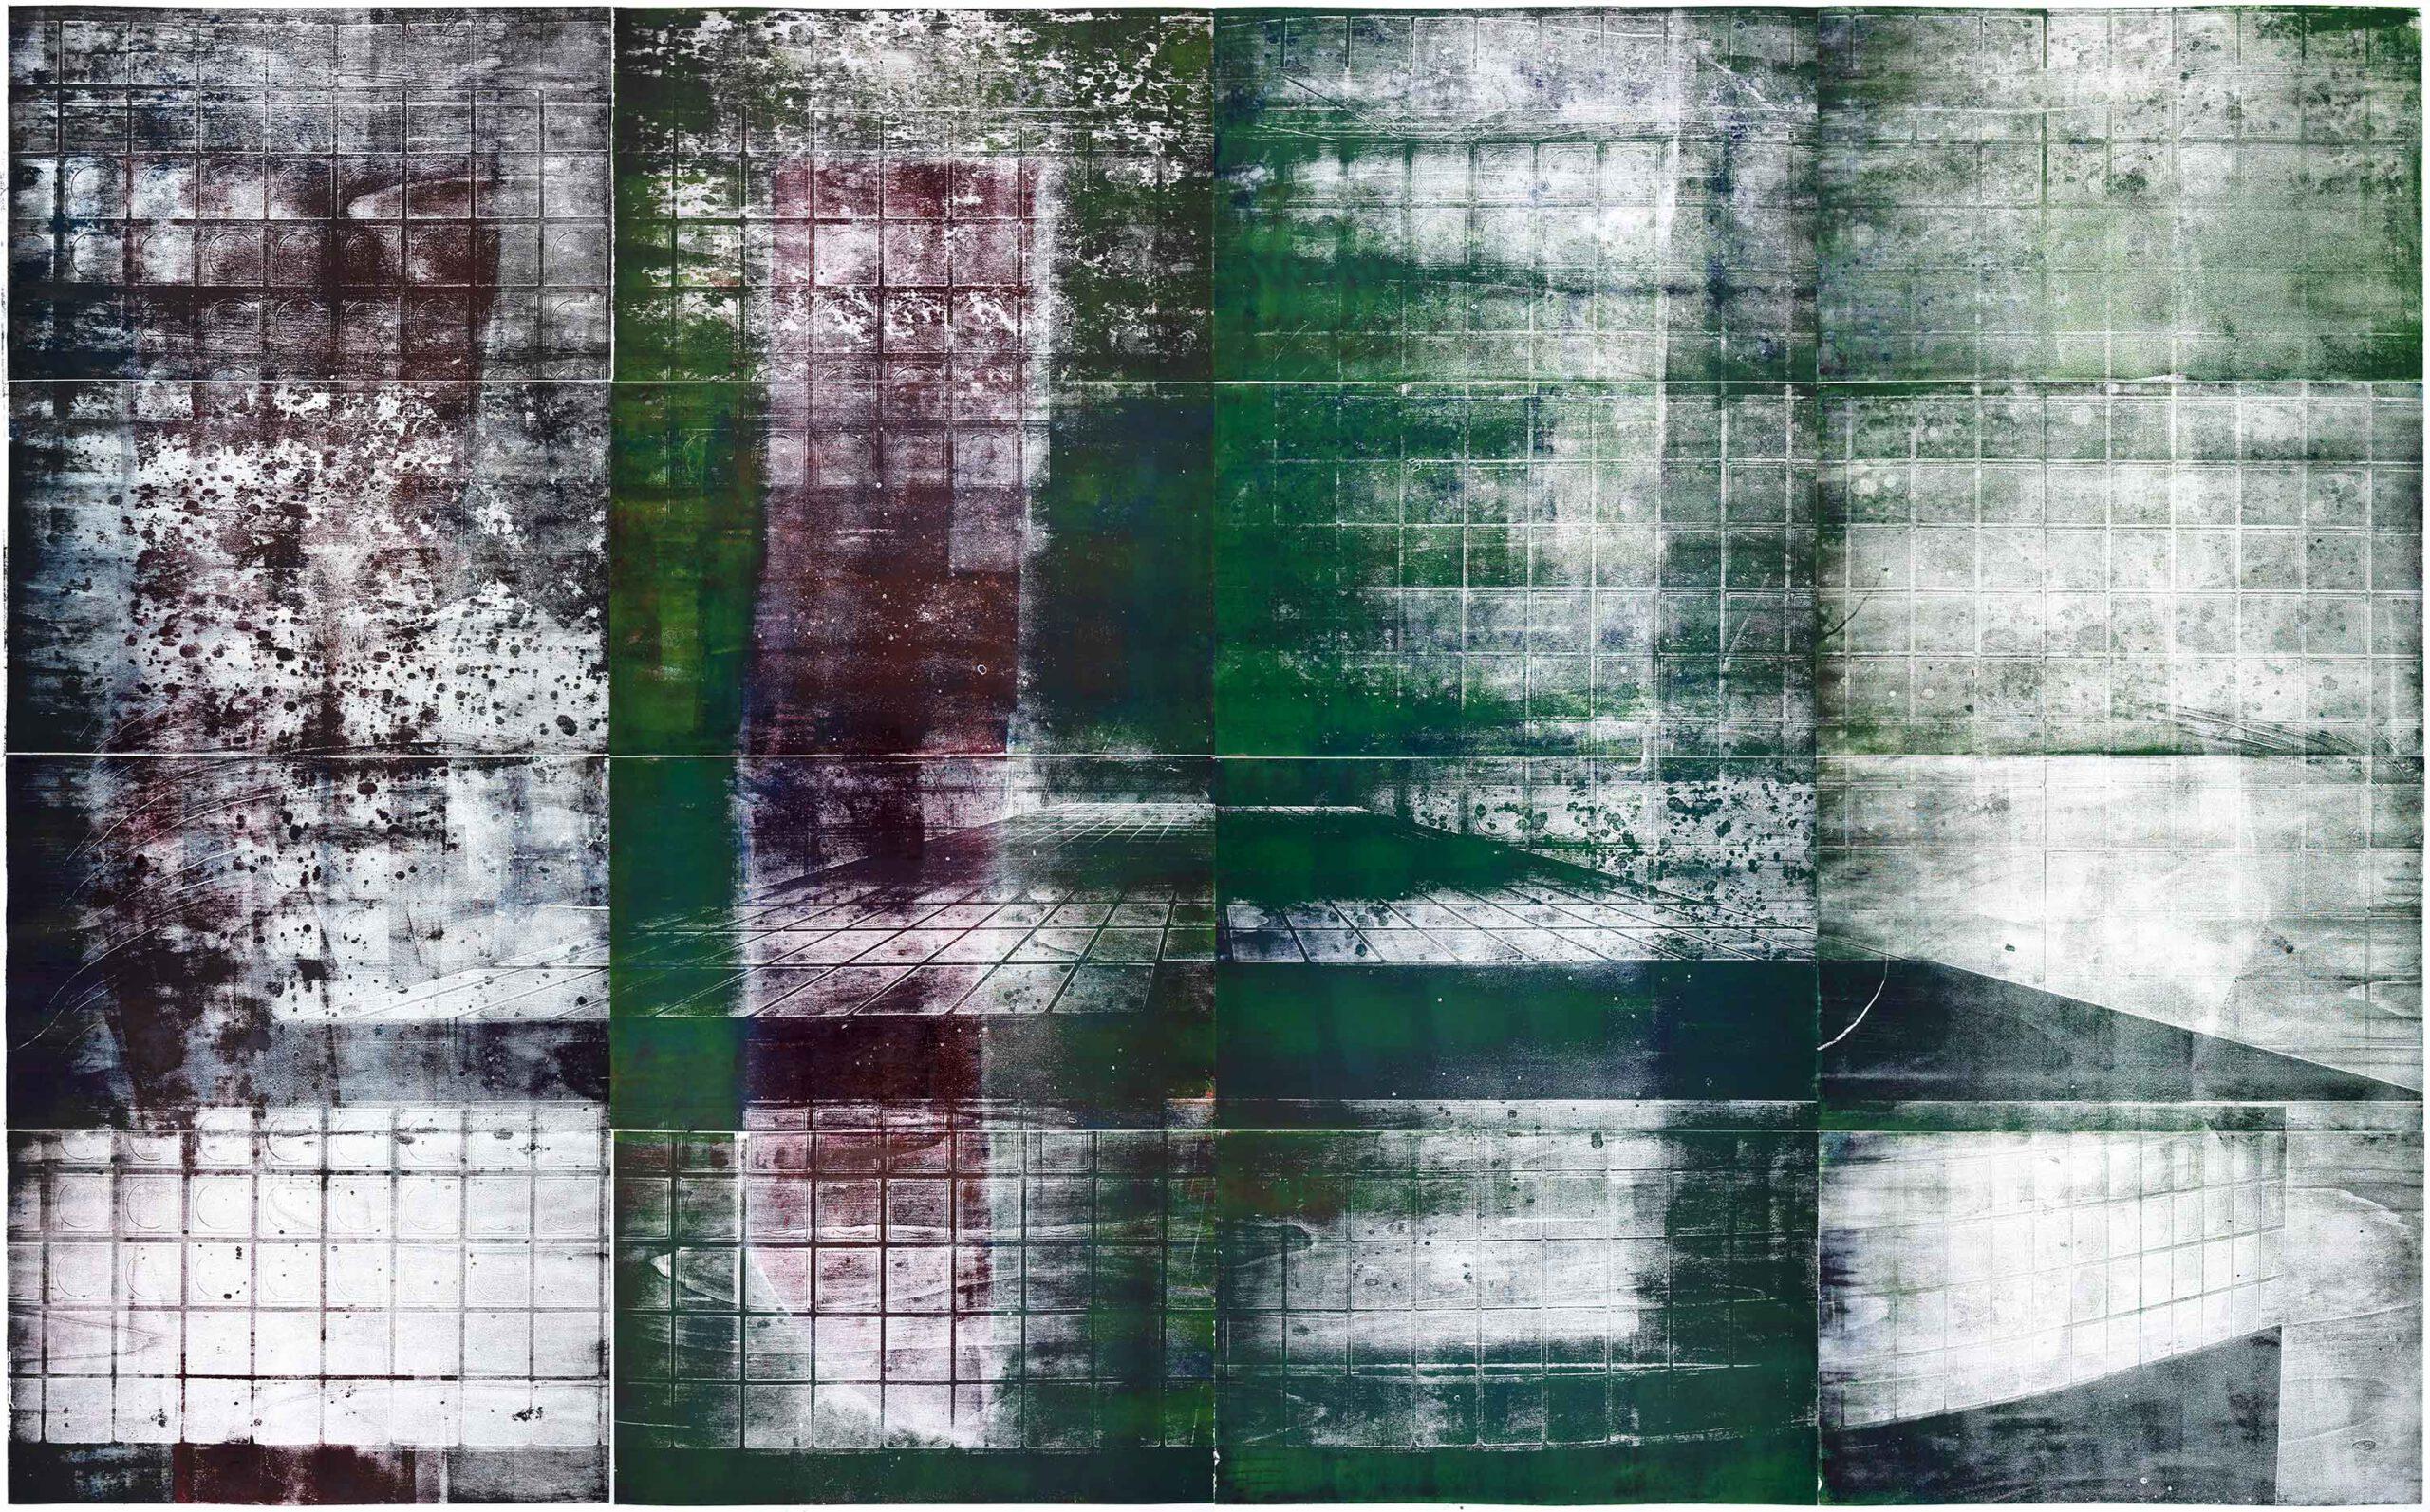 Hängende Gärten, wood engraving, 252,5 x 391,4 cm, 2020